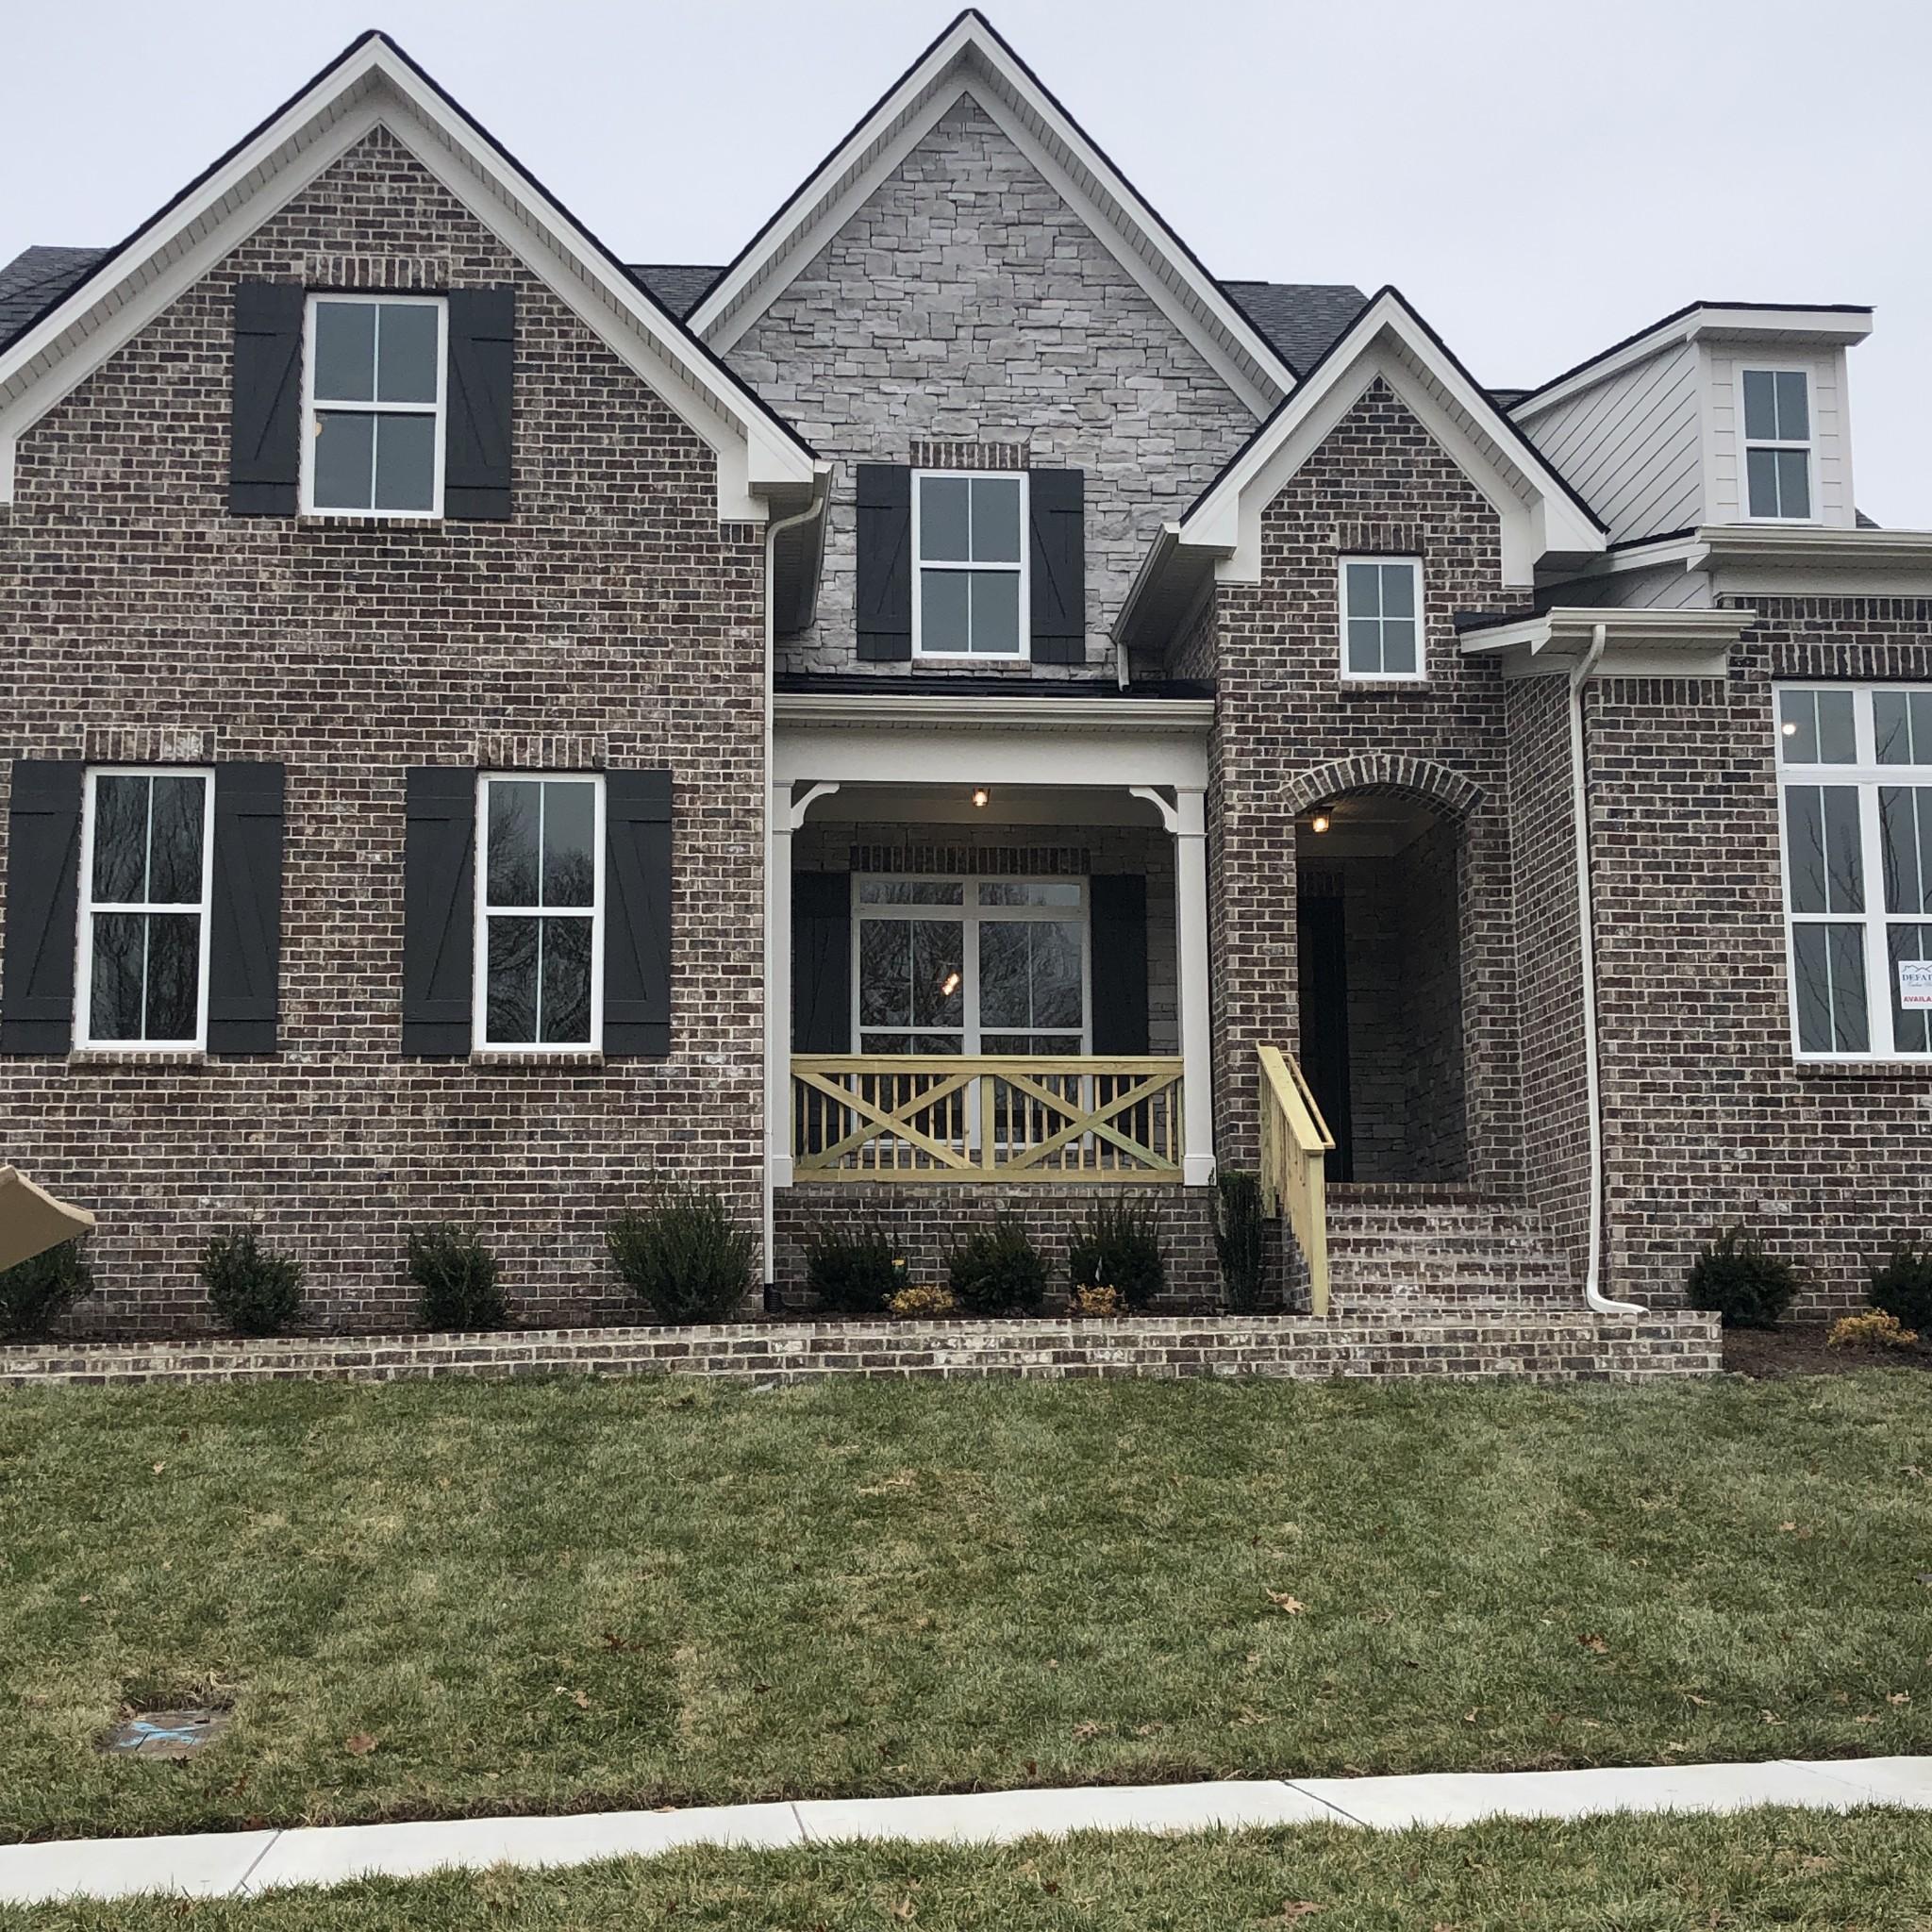 813 Delamotte Pass, Nolensville, TN 37135 - Nolensville, TN real estate listing